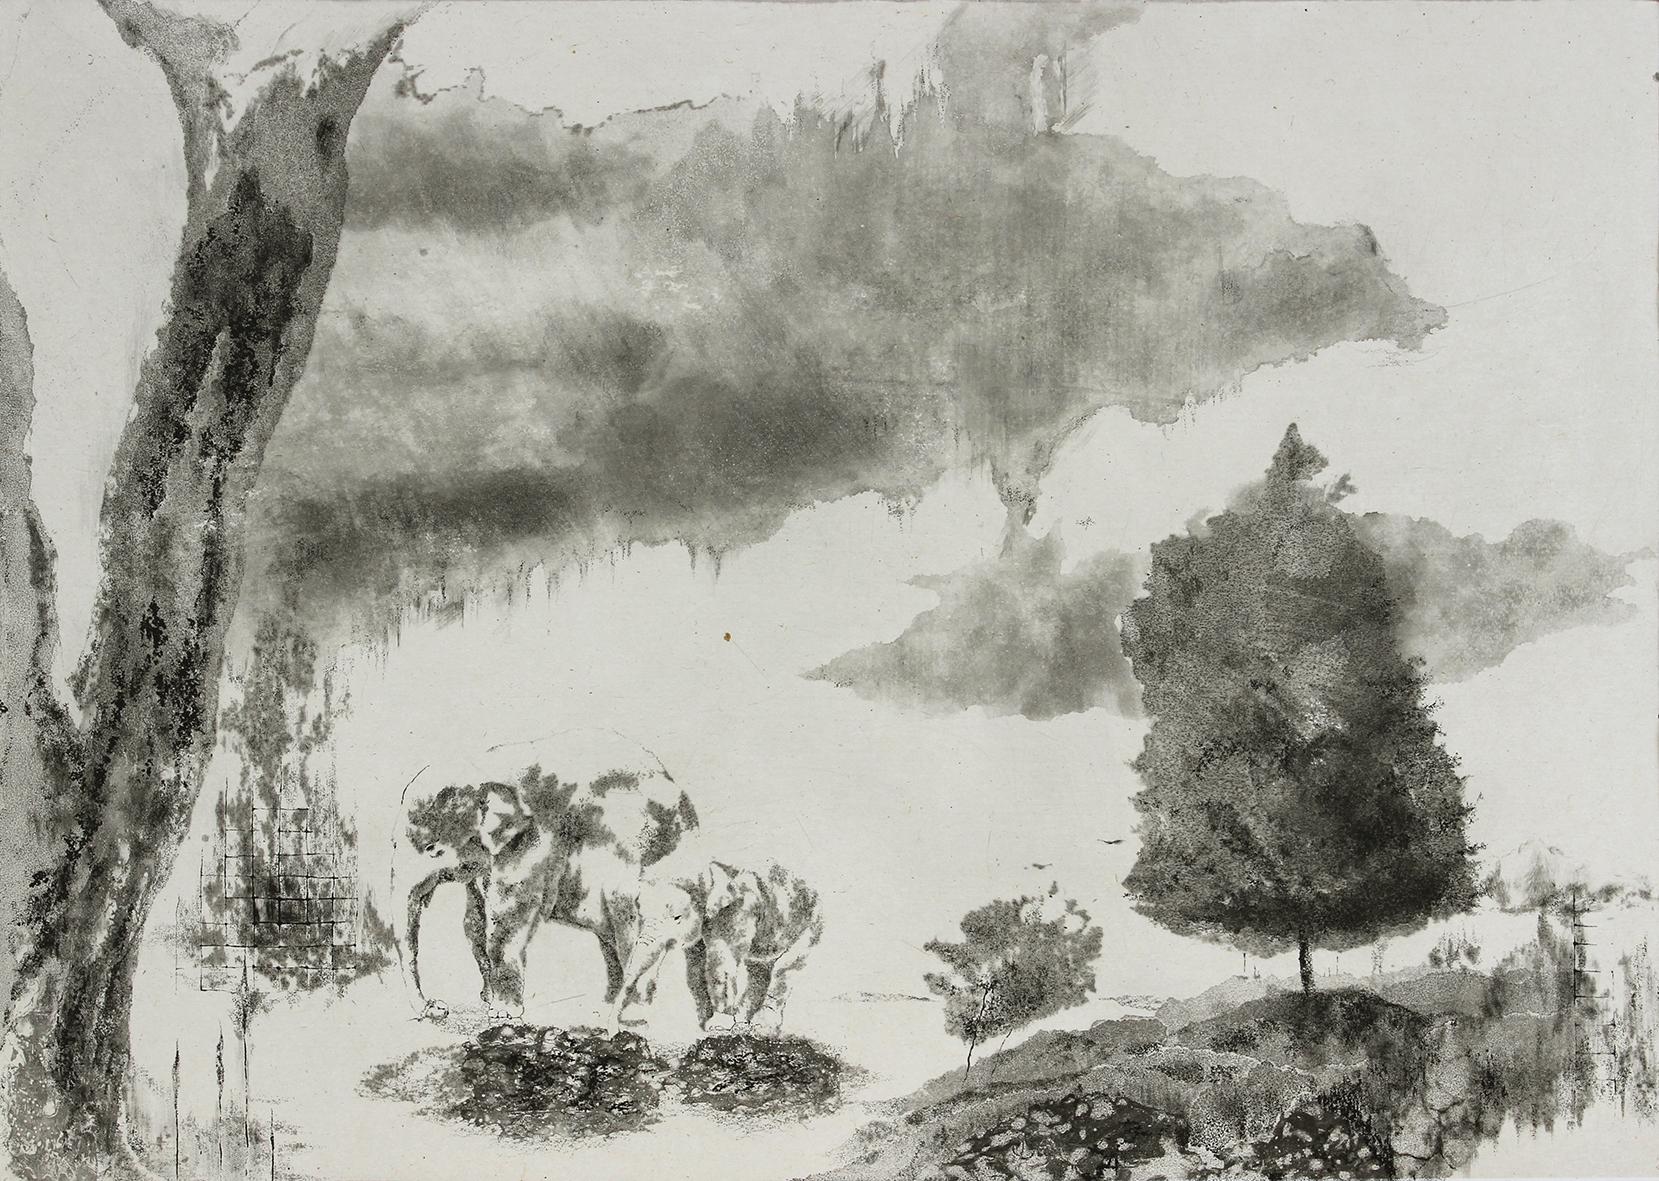 「兄弟の樹と平和の丘」2018年、ソフトグランド・エッチング・アクアチント・ドライポイント・雁皮刷り、イメージサイズ 345×485mm